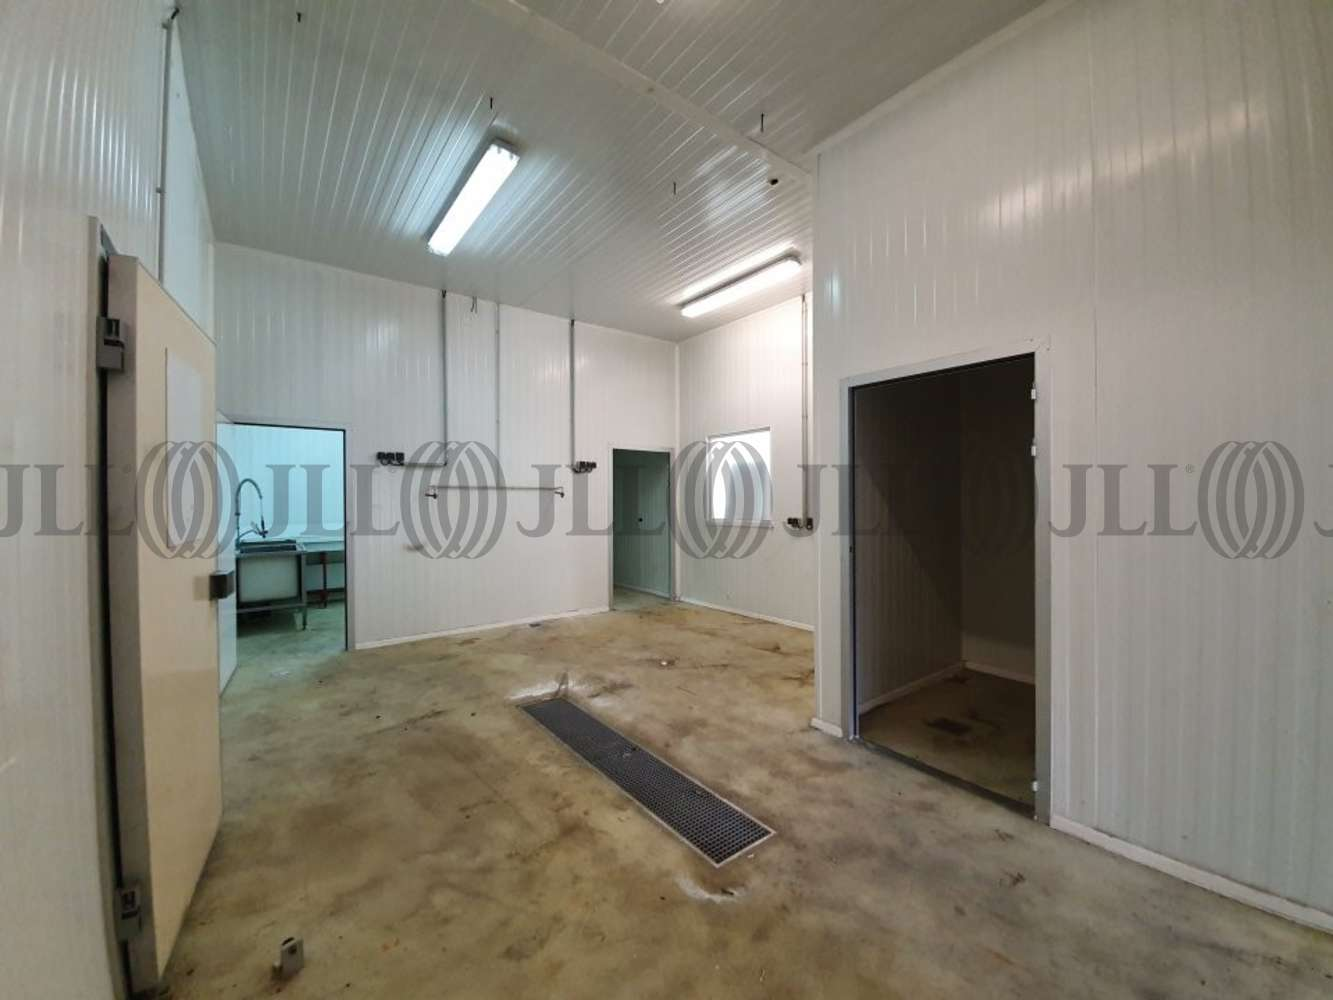 Activités/entrepôt Lormont, 33310